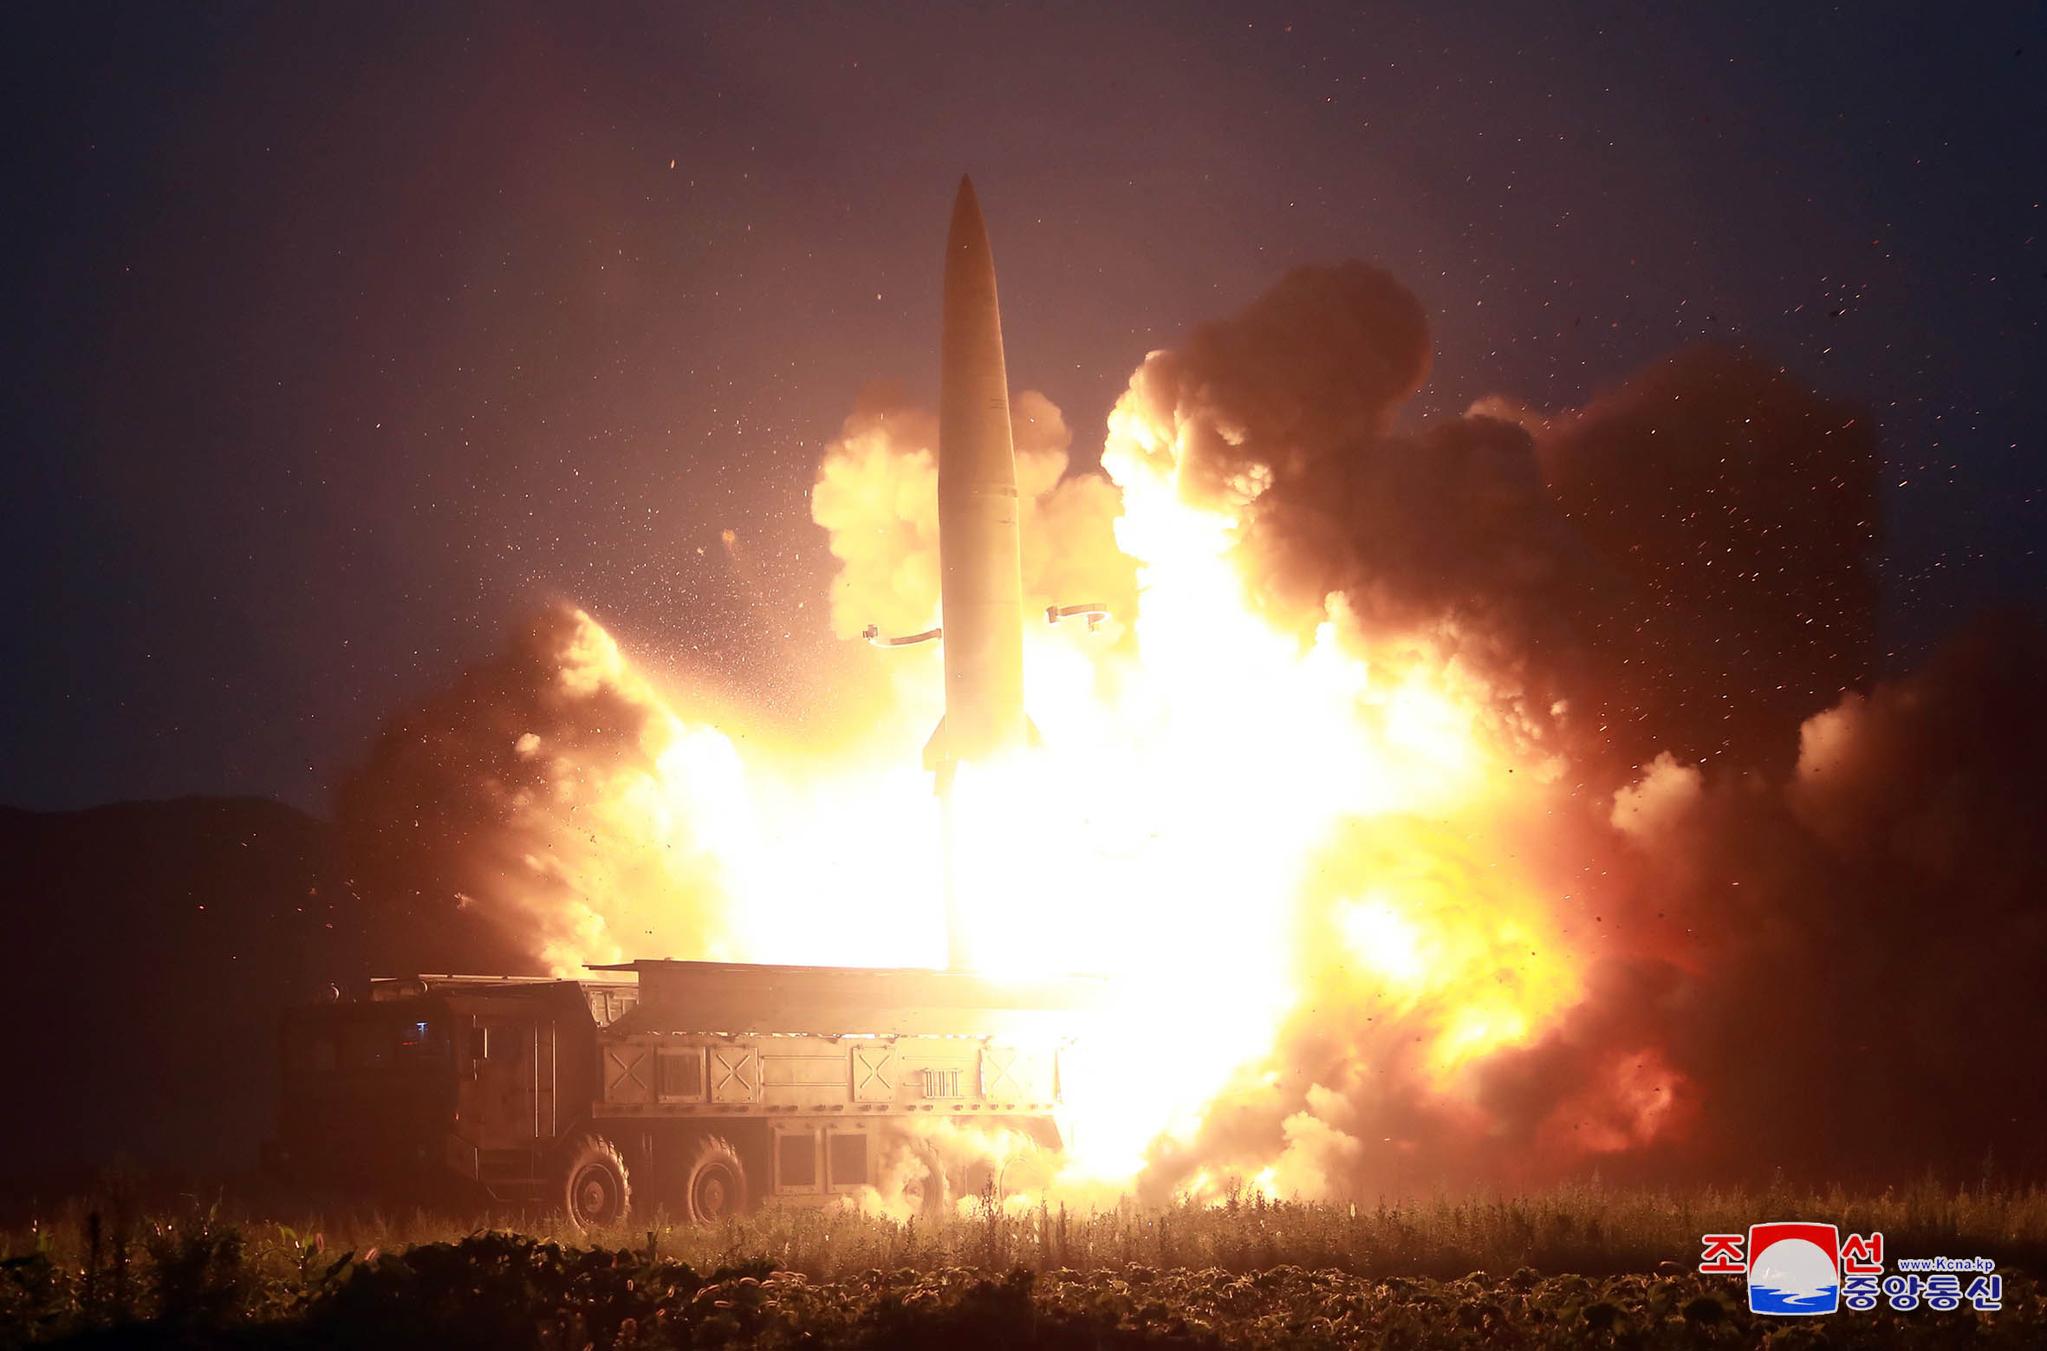 북한이 7일 공개한 지난 6일 신형전술유도탄 발사 [연합뉴스]